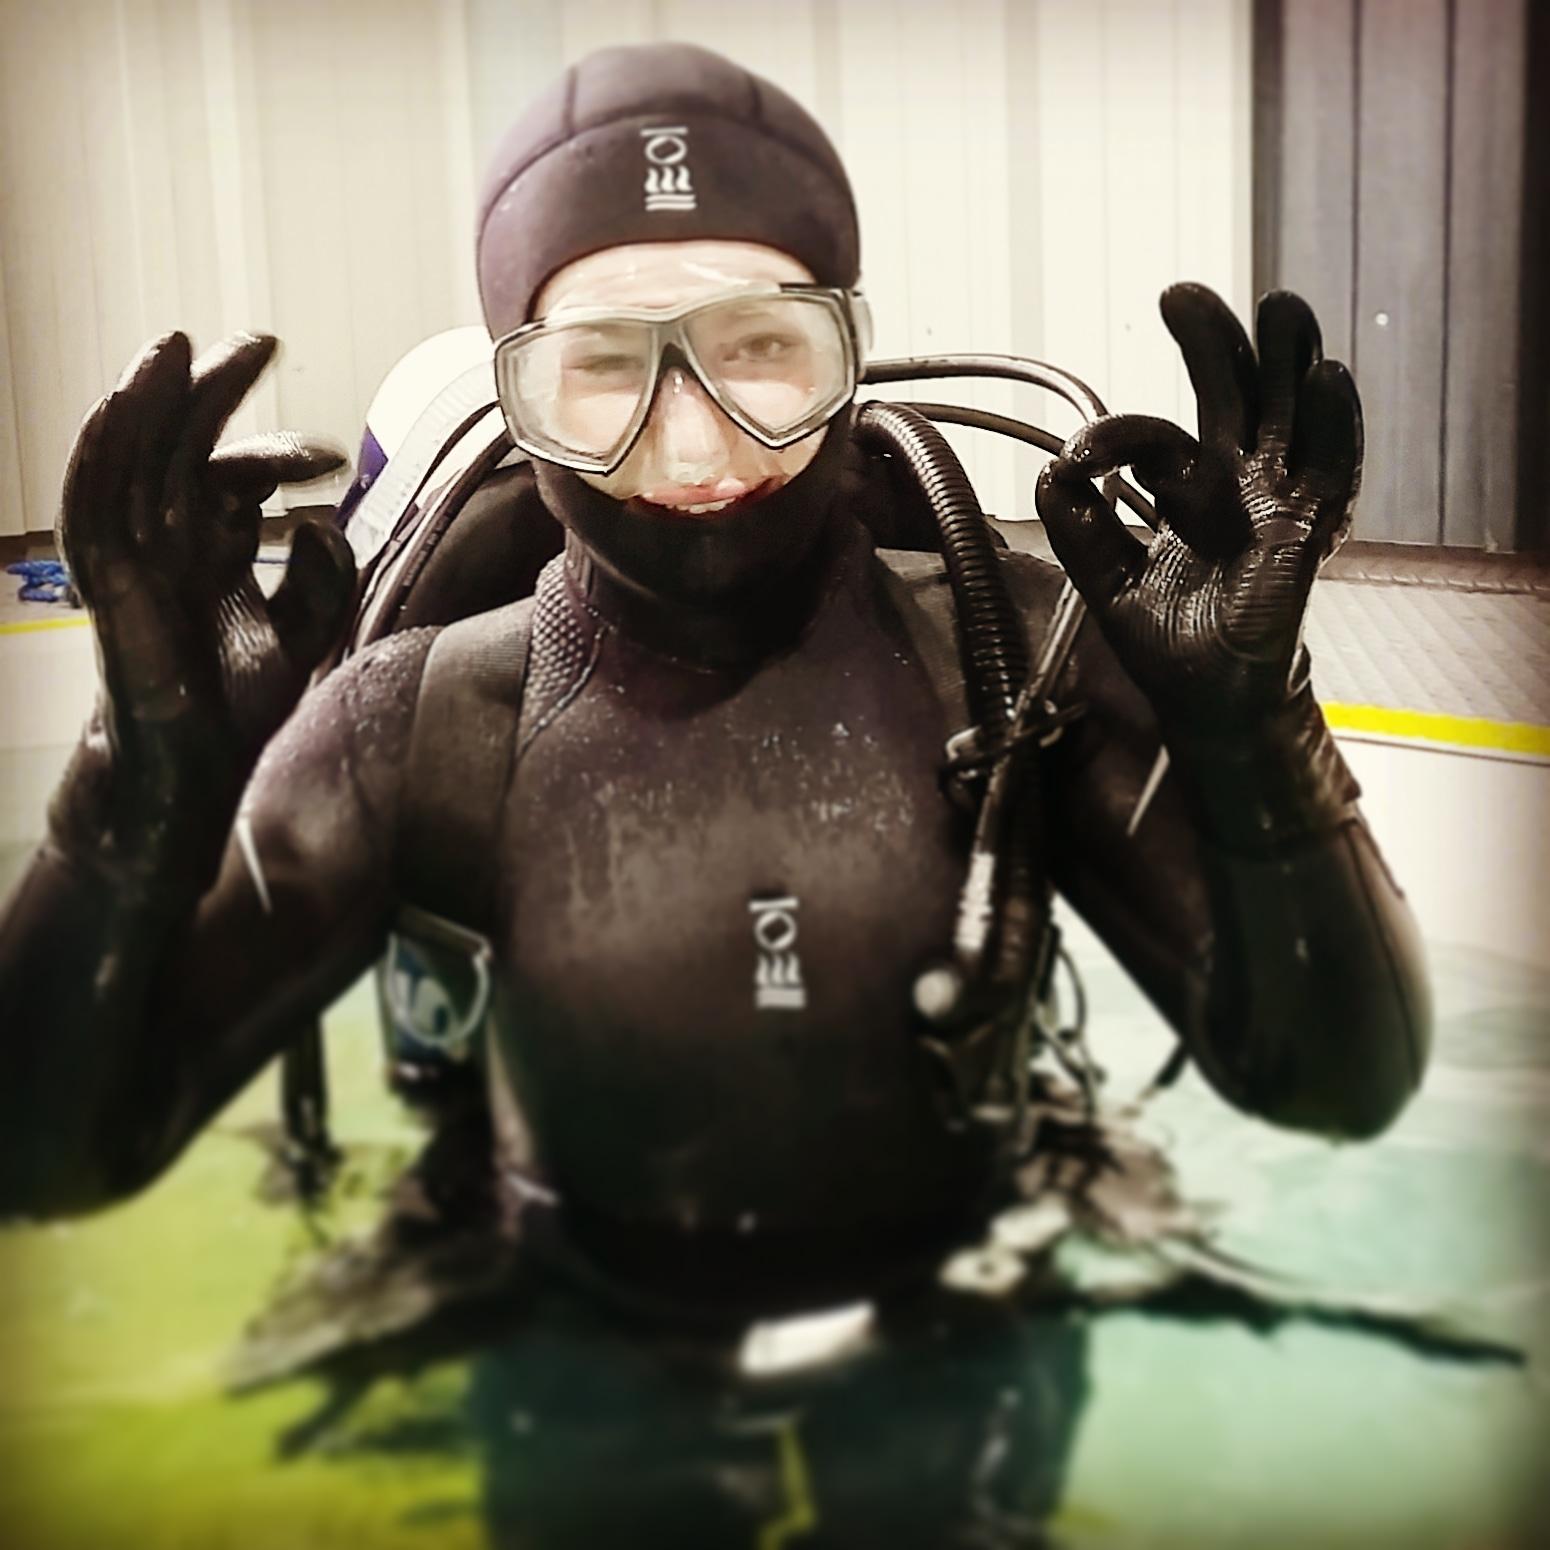 Women in diving